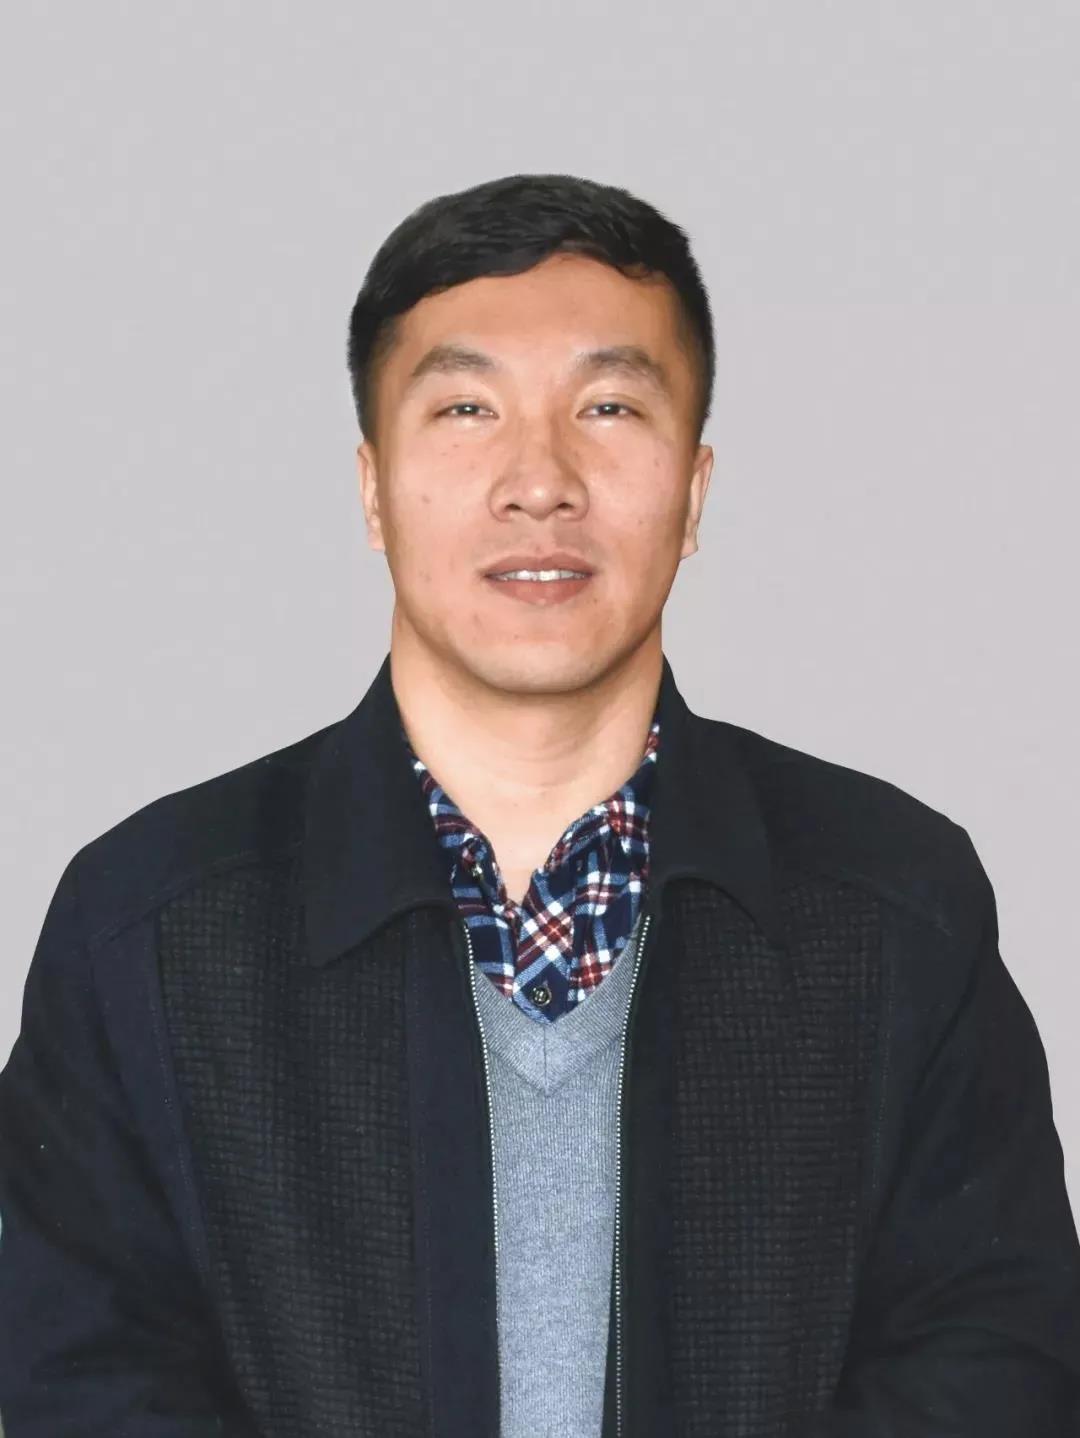 【北京kok平台新用户送彩金企业kok登录】2020年3月23日星期一(庚子鼠年二月三十)